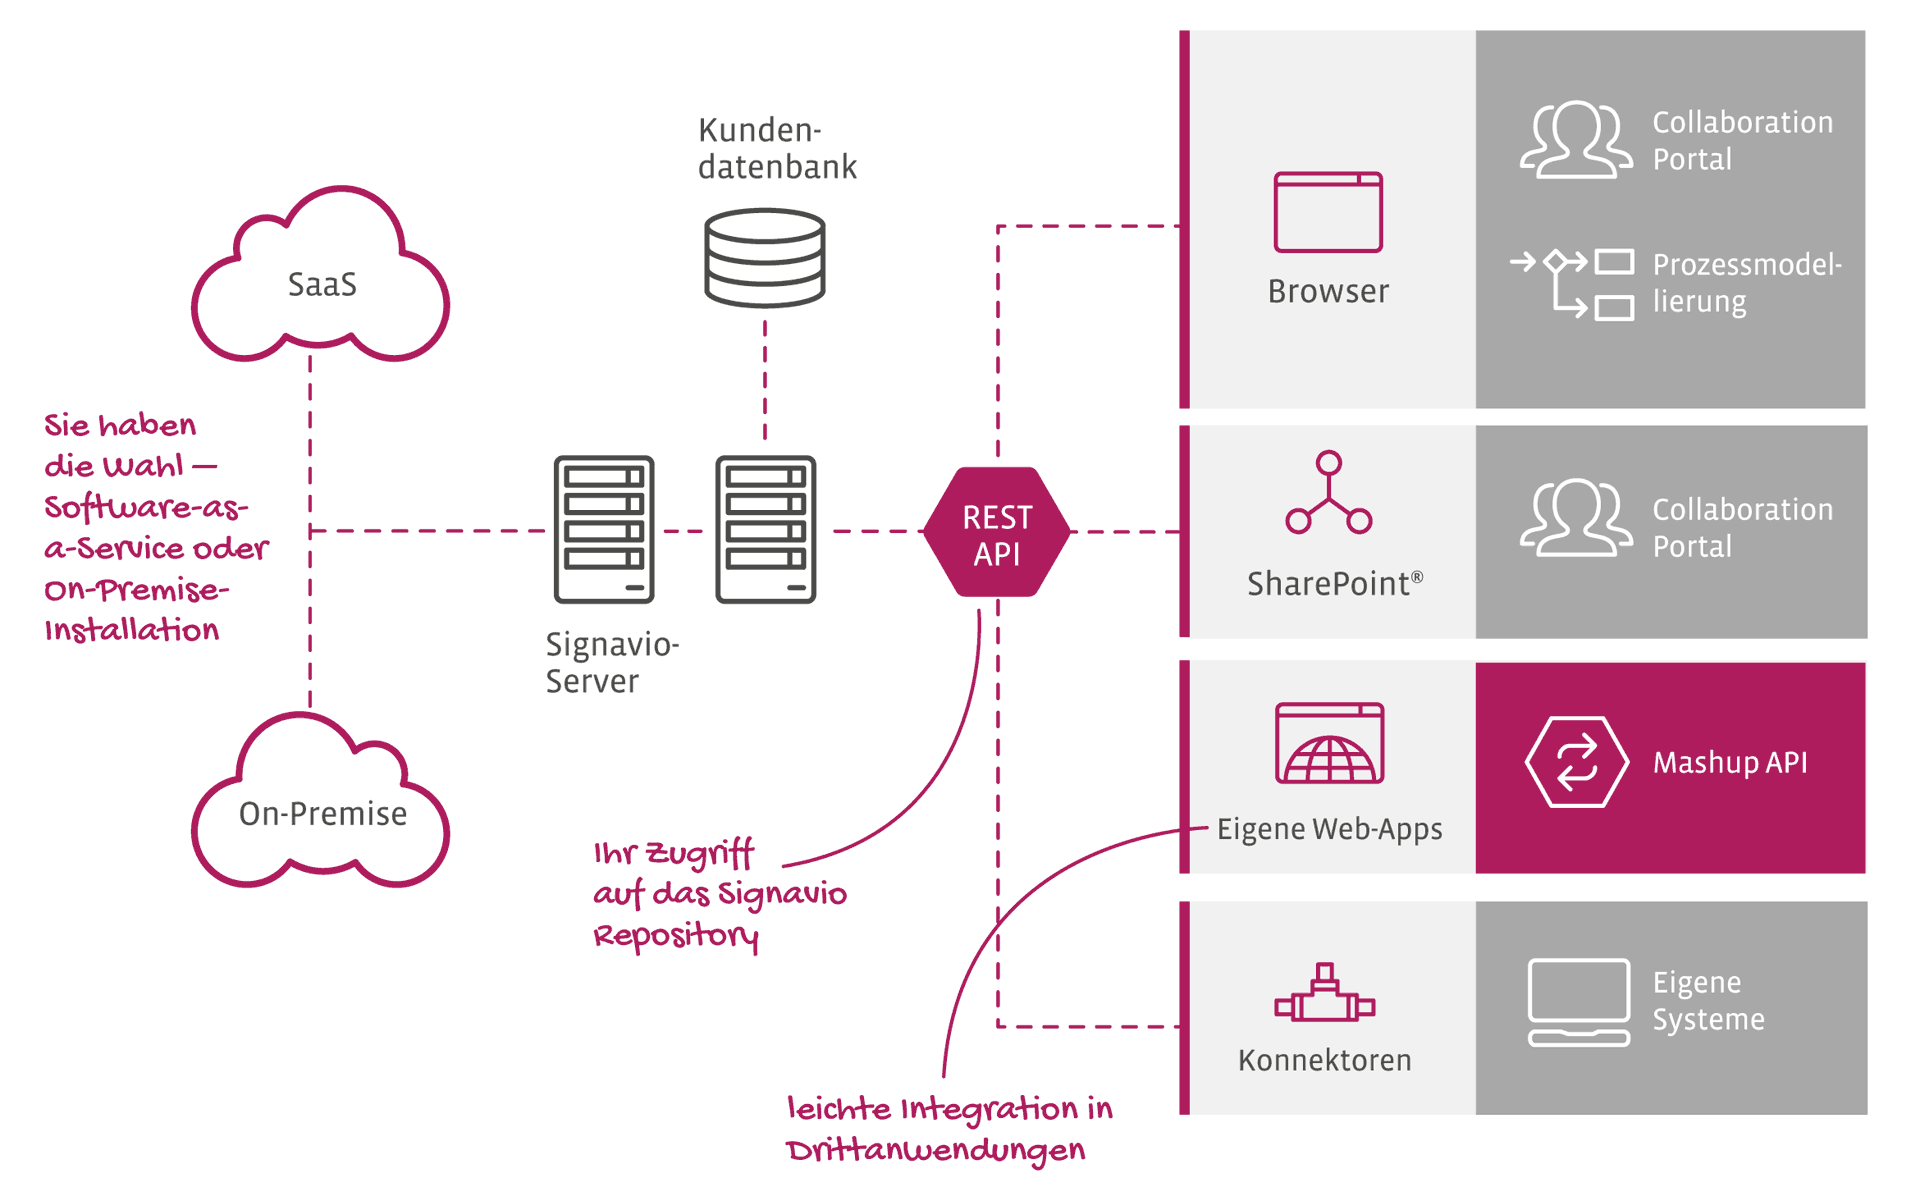 Sharepoint®-Integration Abbildung